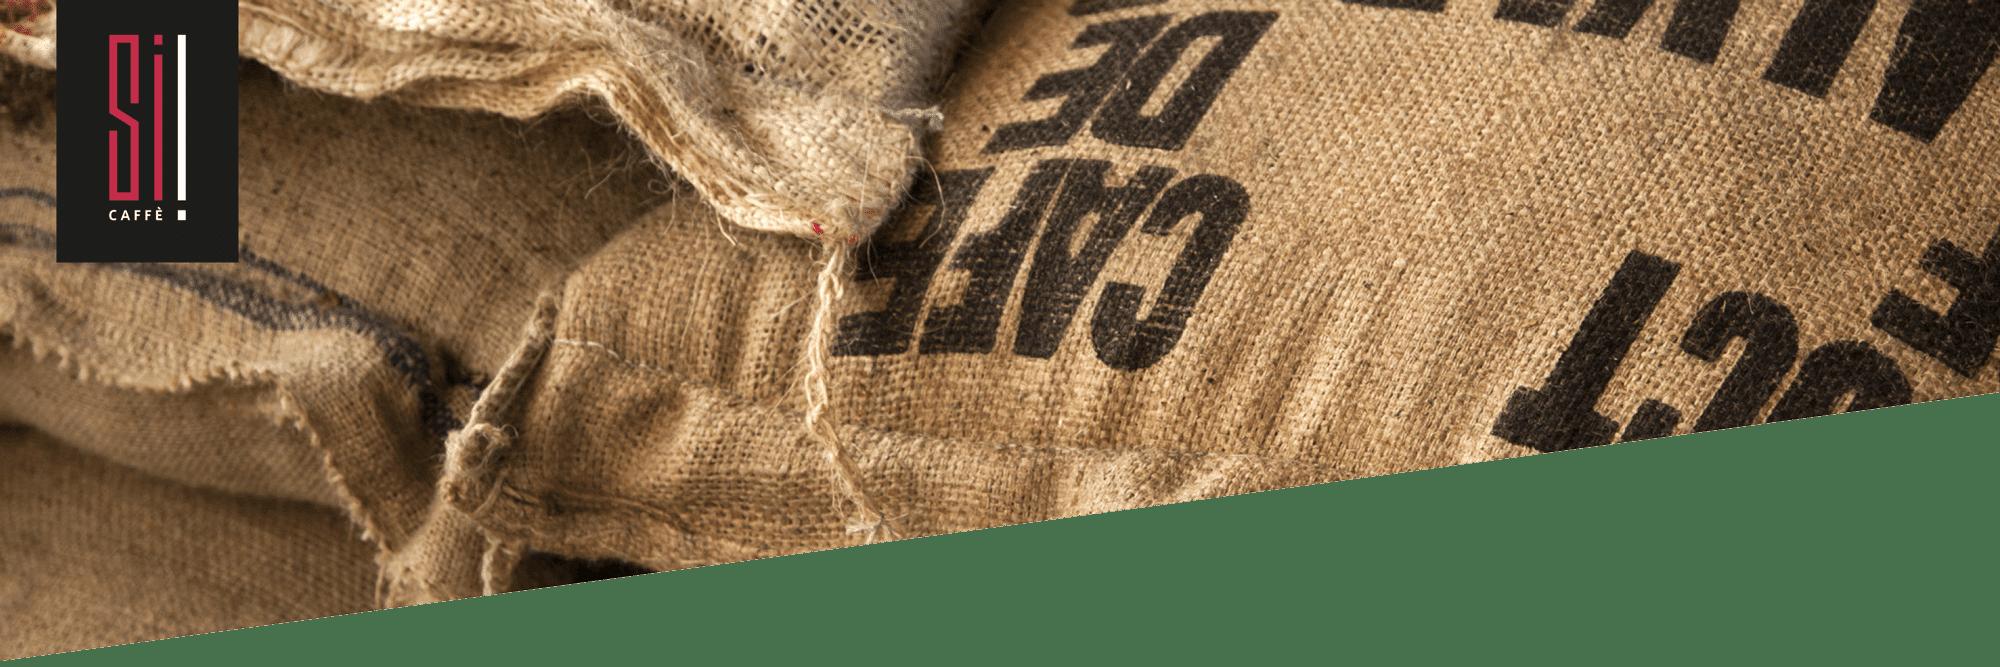 Röstkaffee Si Caffè in Säcken